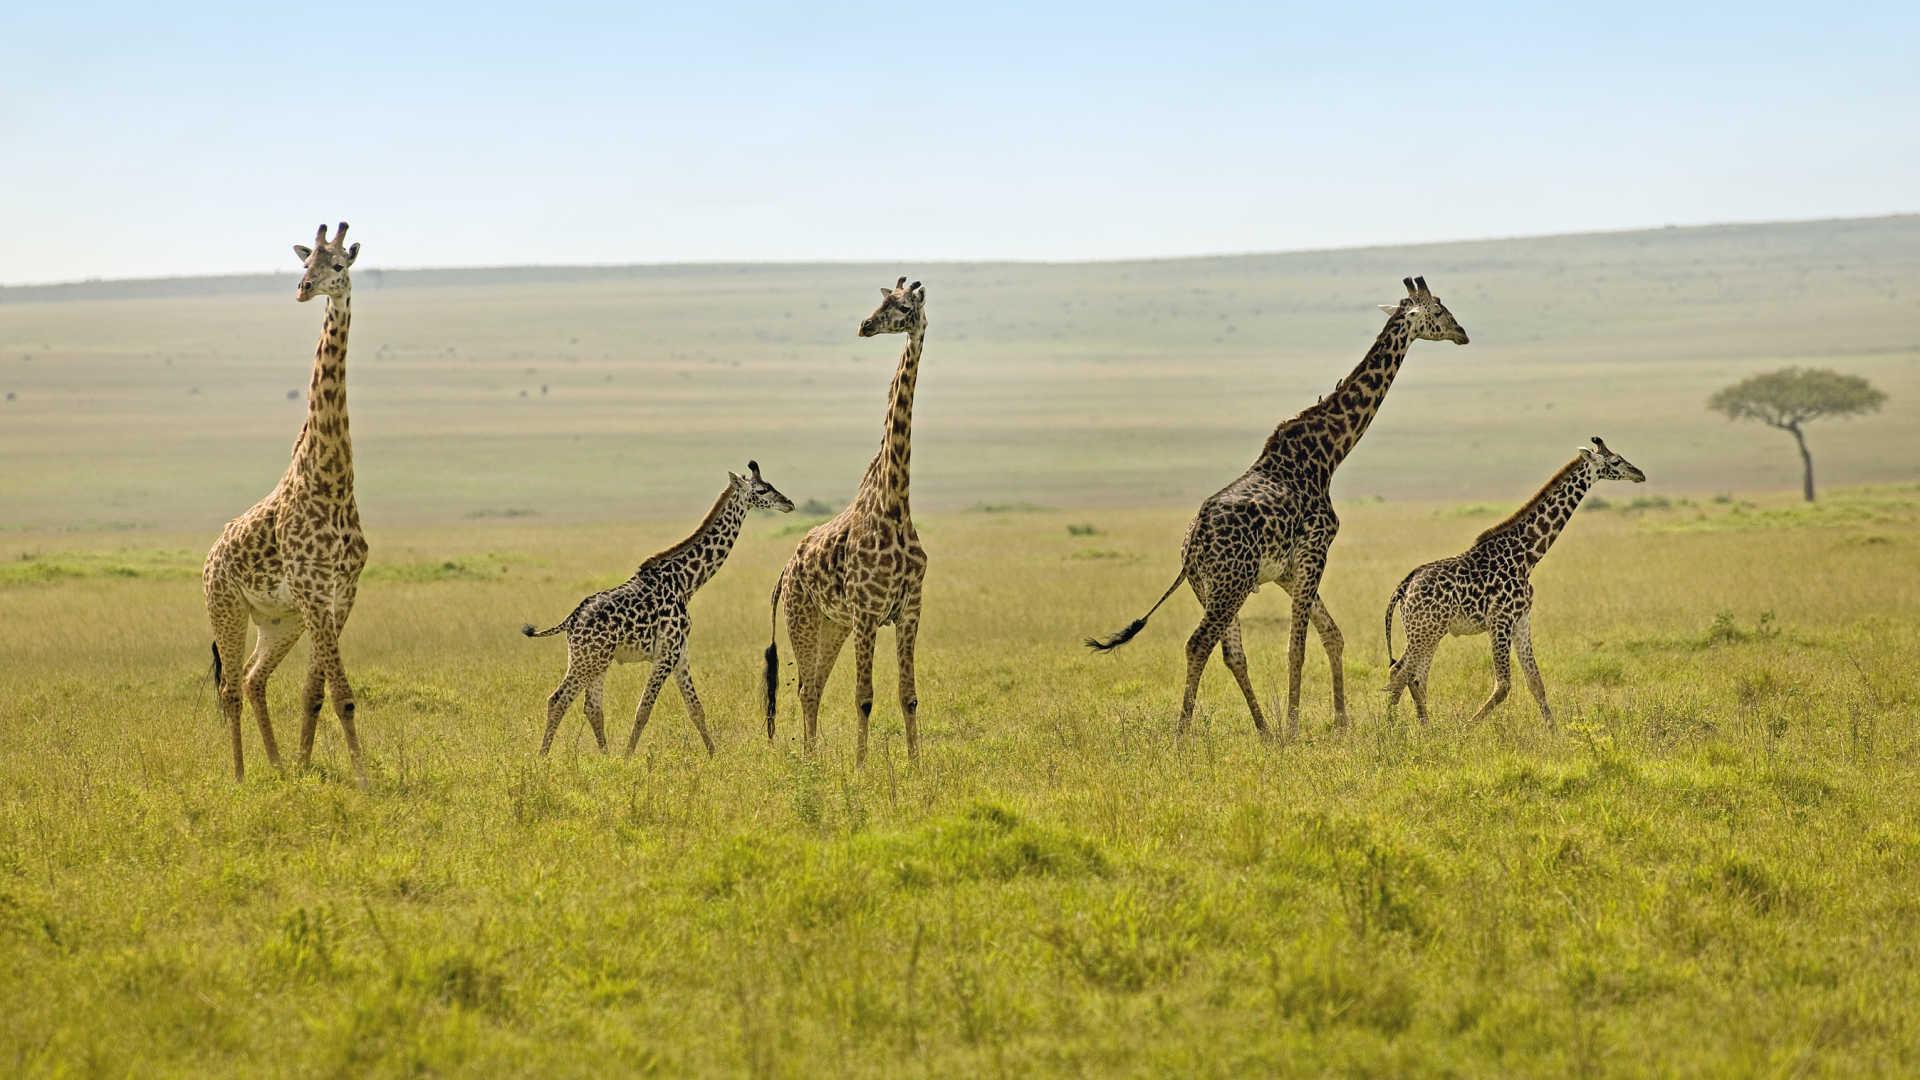 8-Day Trip to Kenya - Exploring Game Reserves, Big 5 Sighting 9